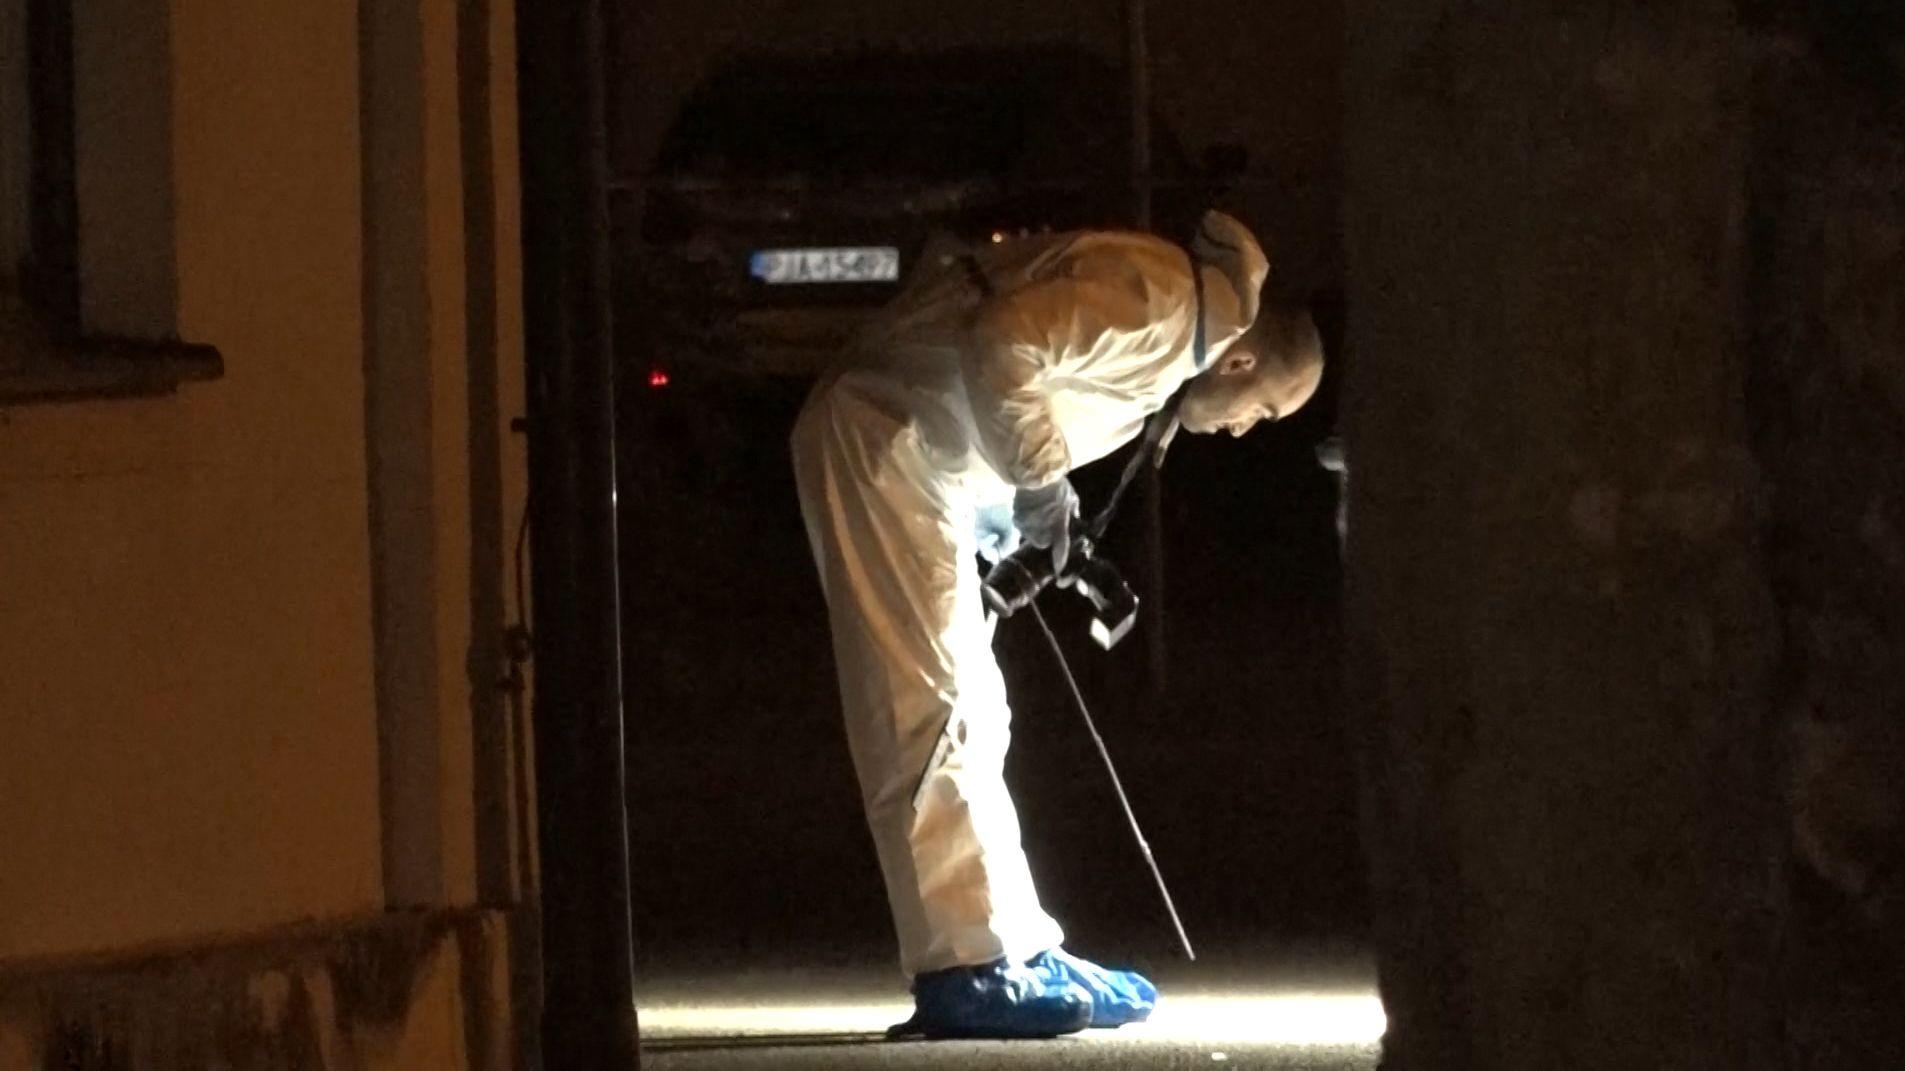 Spurensicherung nach tödlichem Messerangriff in Karlskron